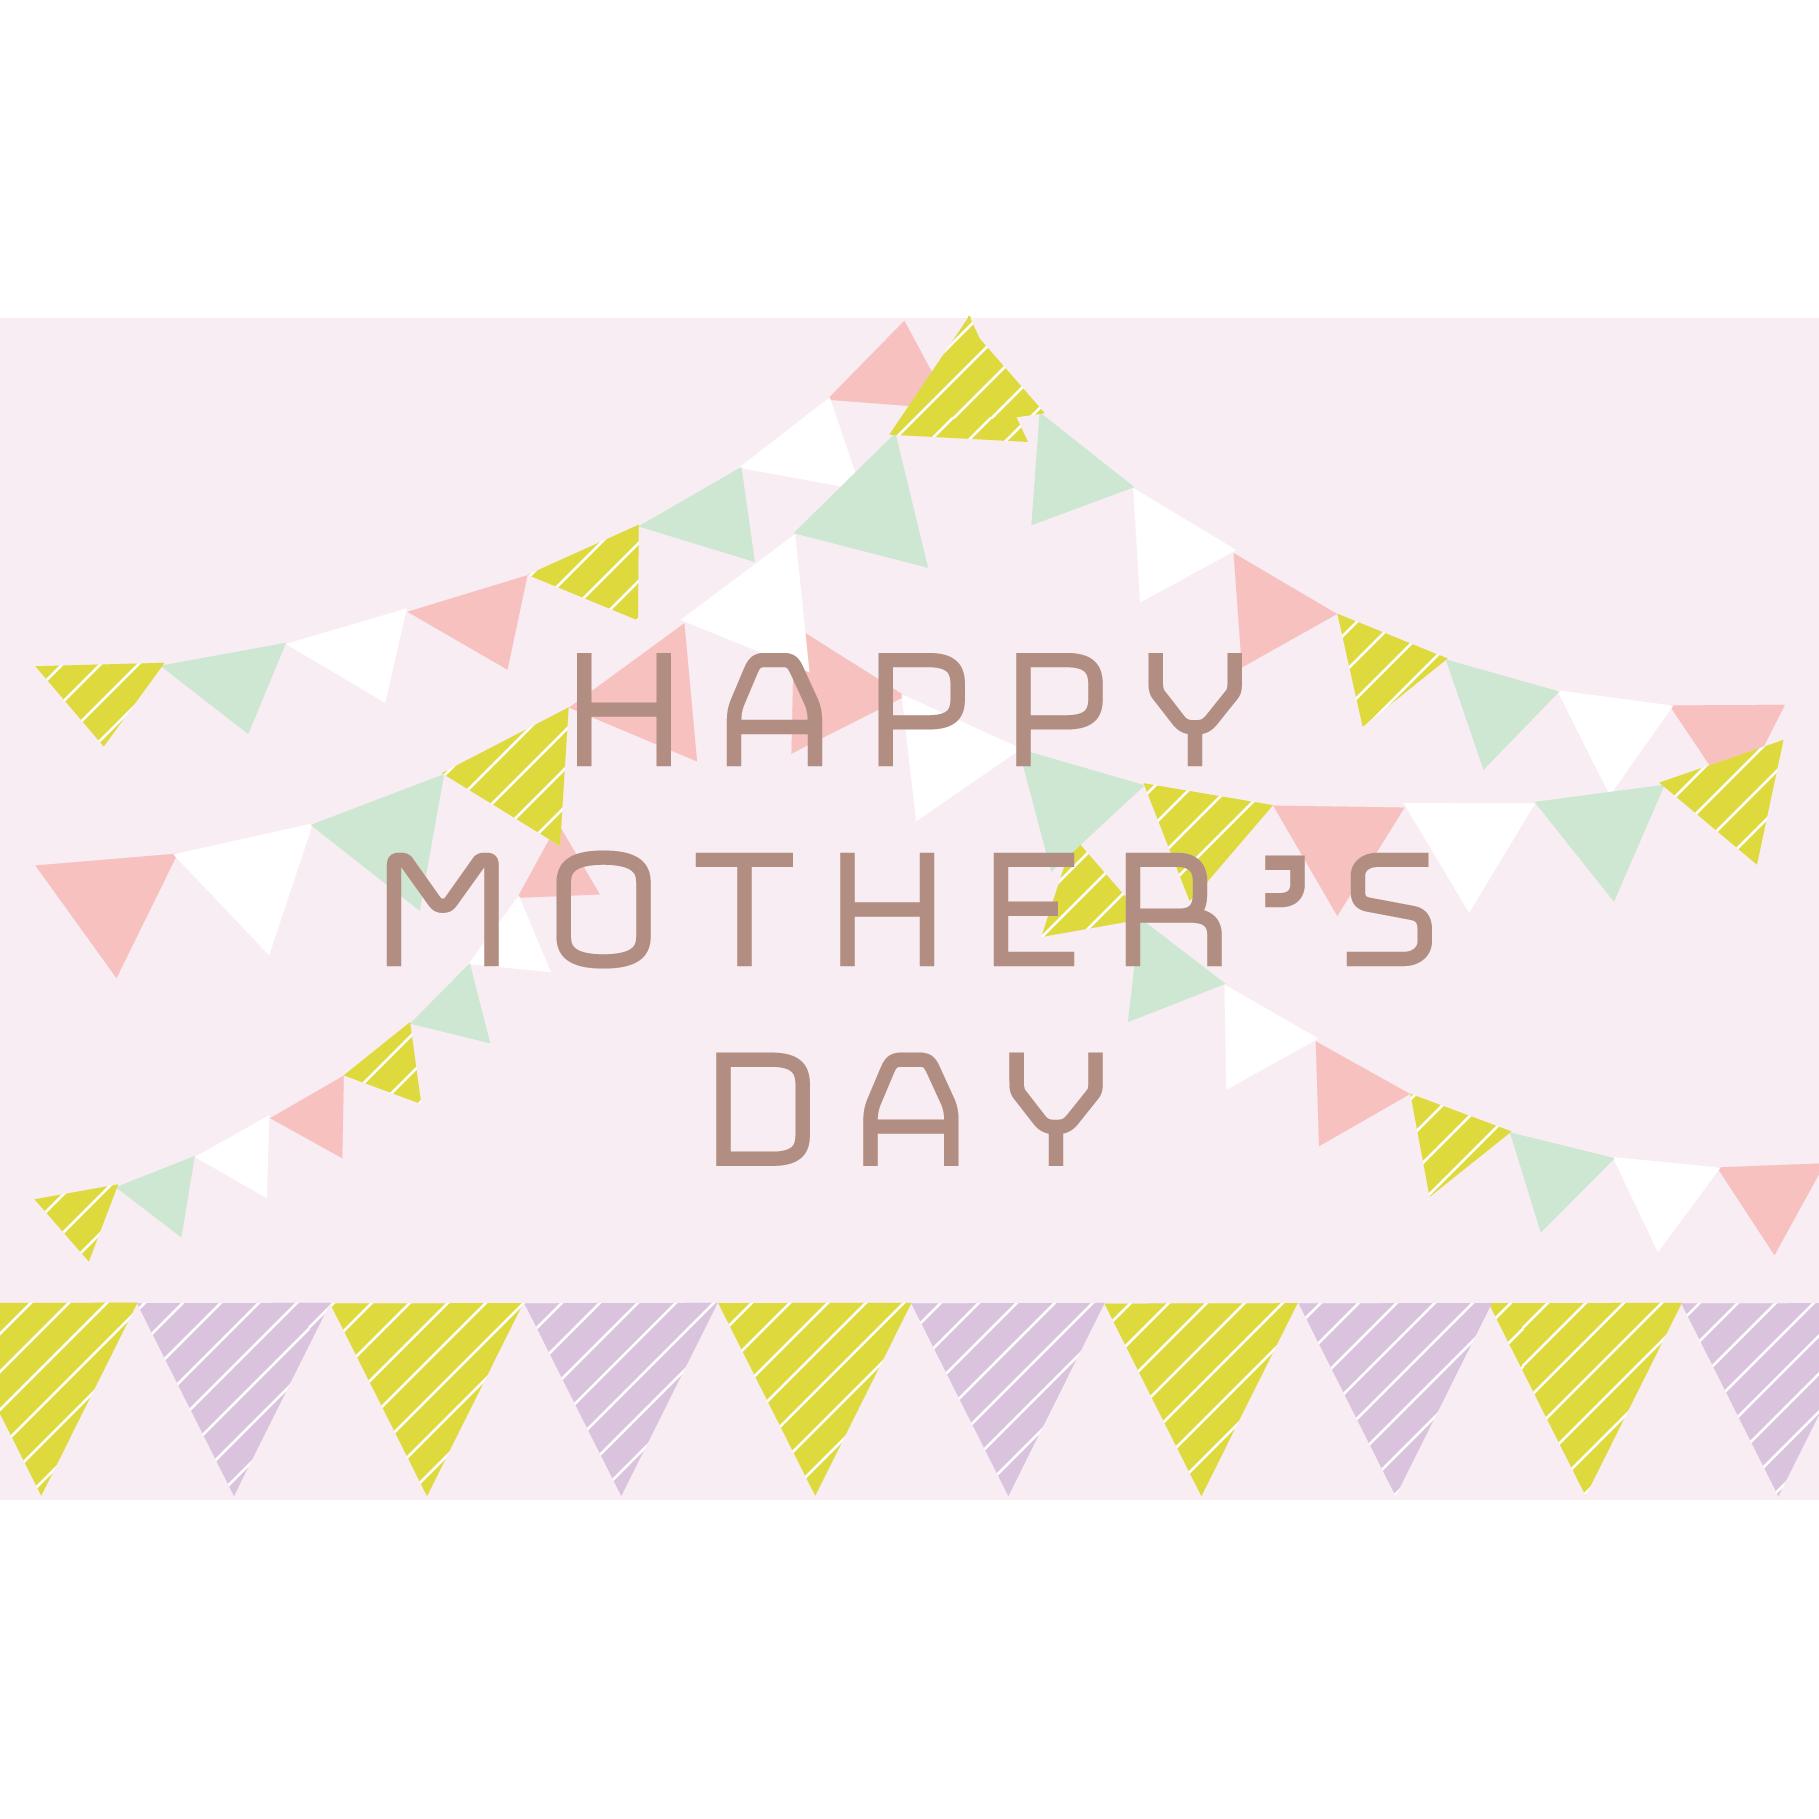 母の日 メッセージ!かわいいガーランドデザインのカード  イラスト